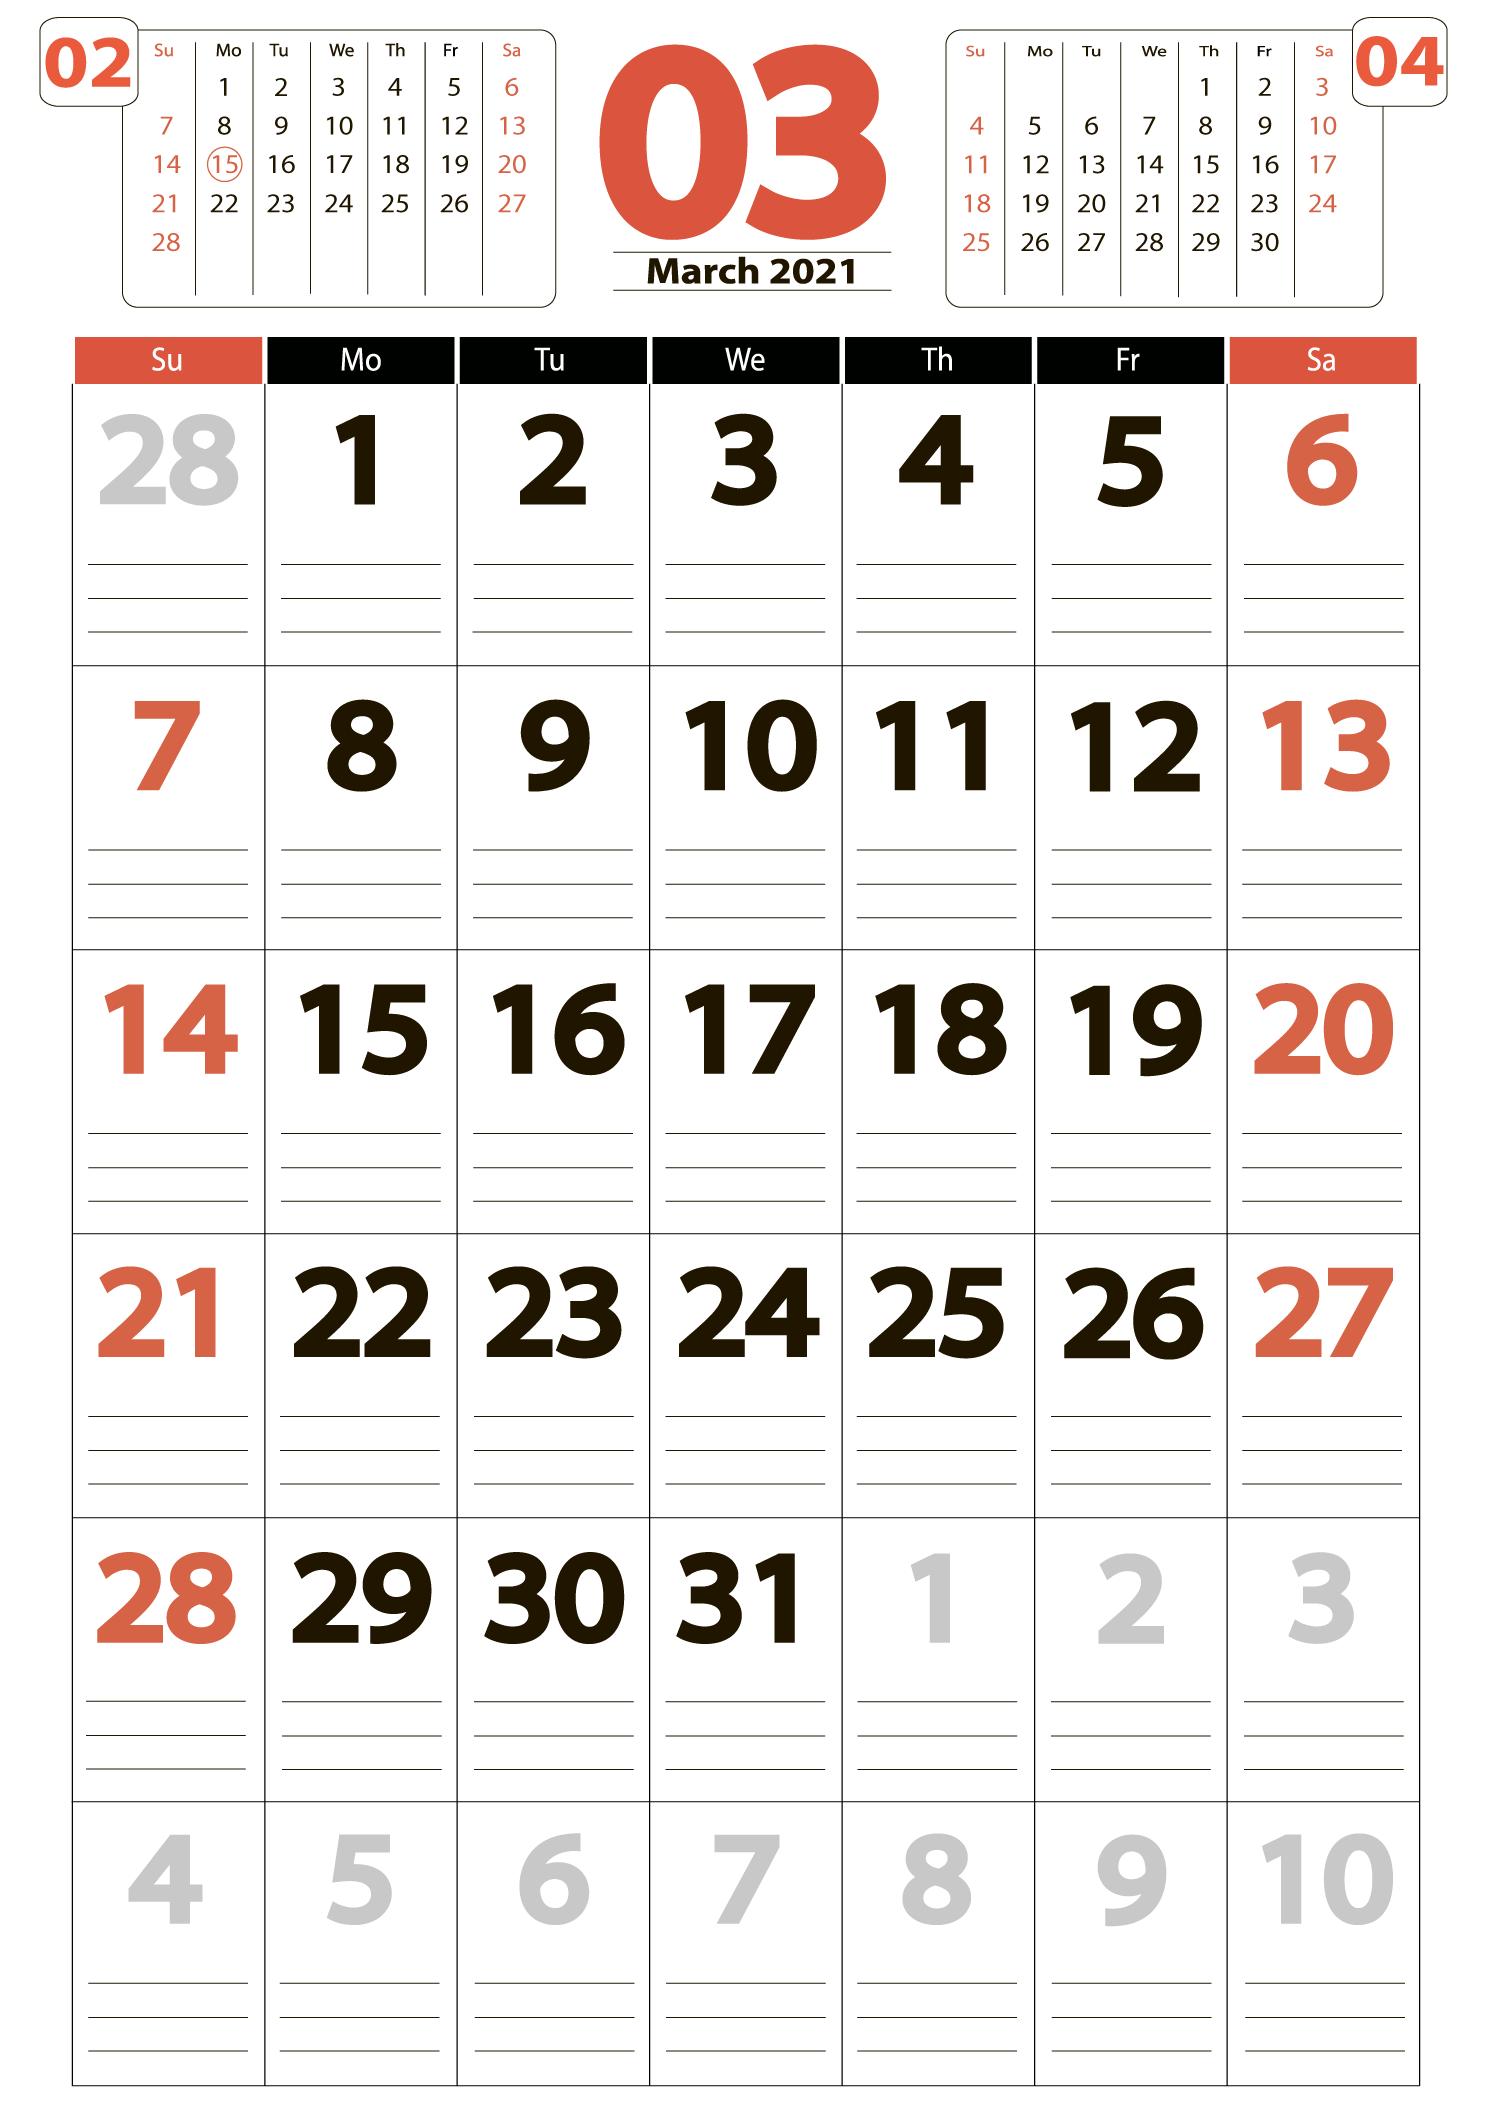 March 2021 calendar portrait download